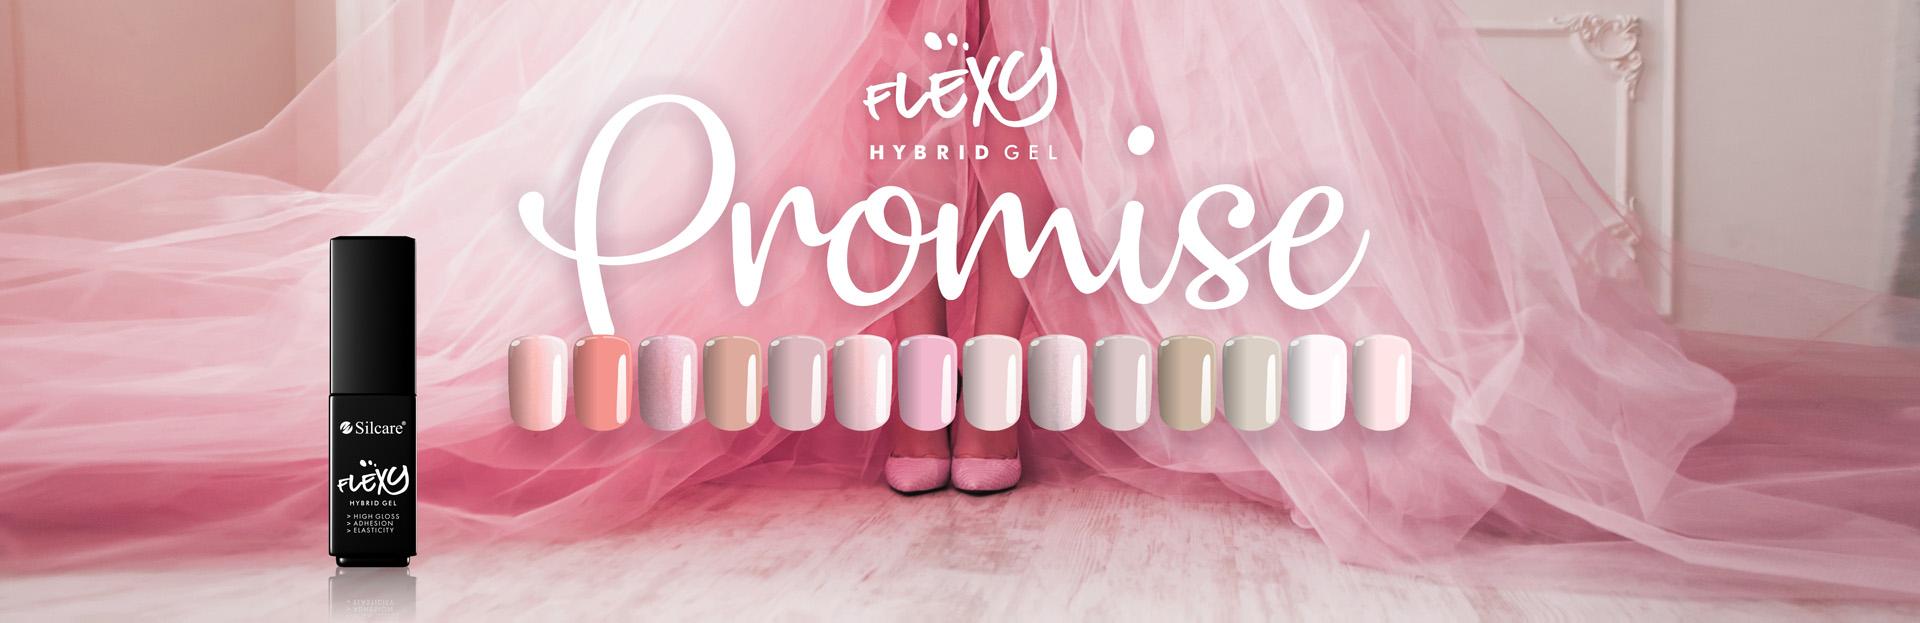 Flexy Promise